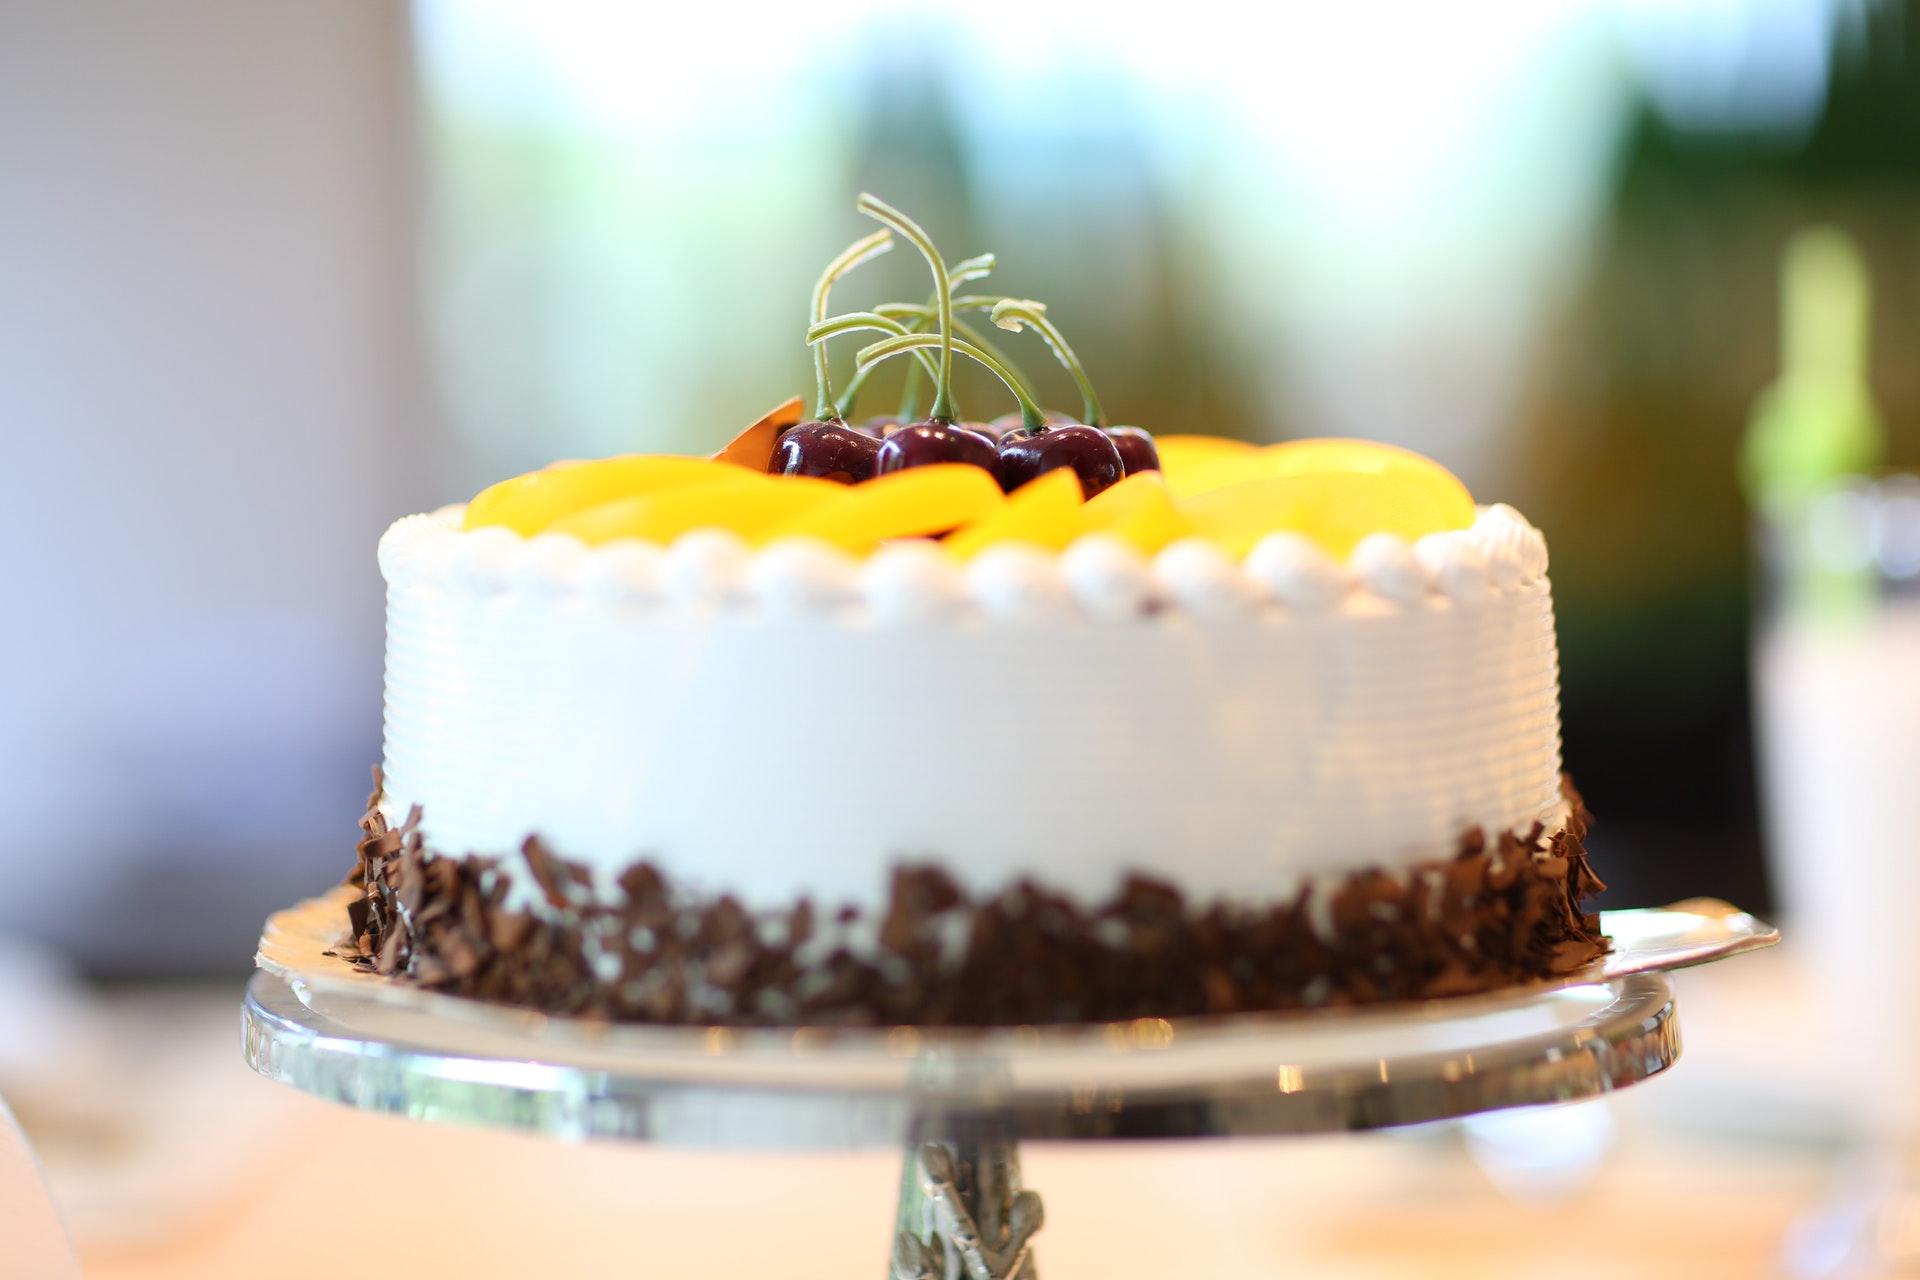 tort de portocale - sfatulpraintilor.ro - pexels-photo-140831